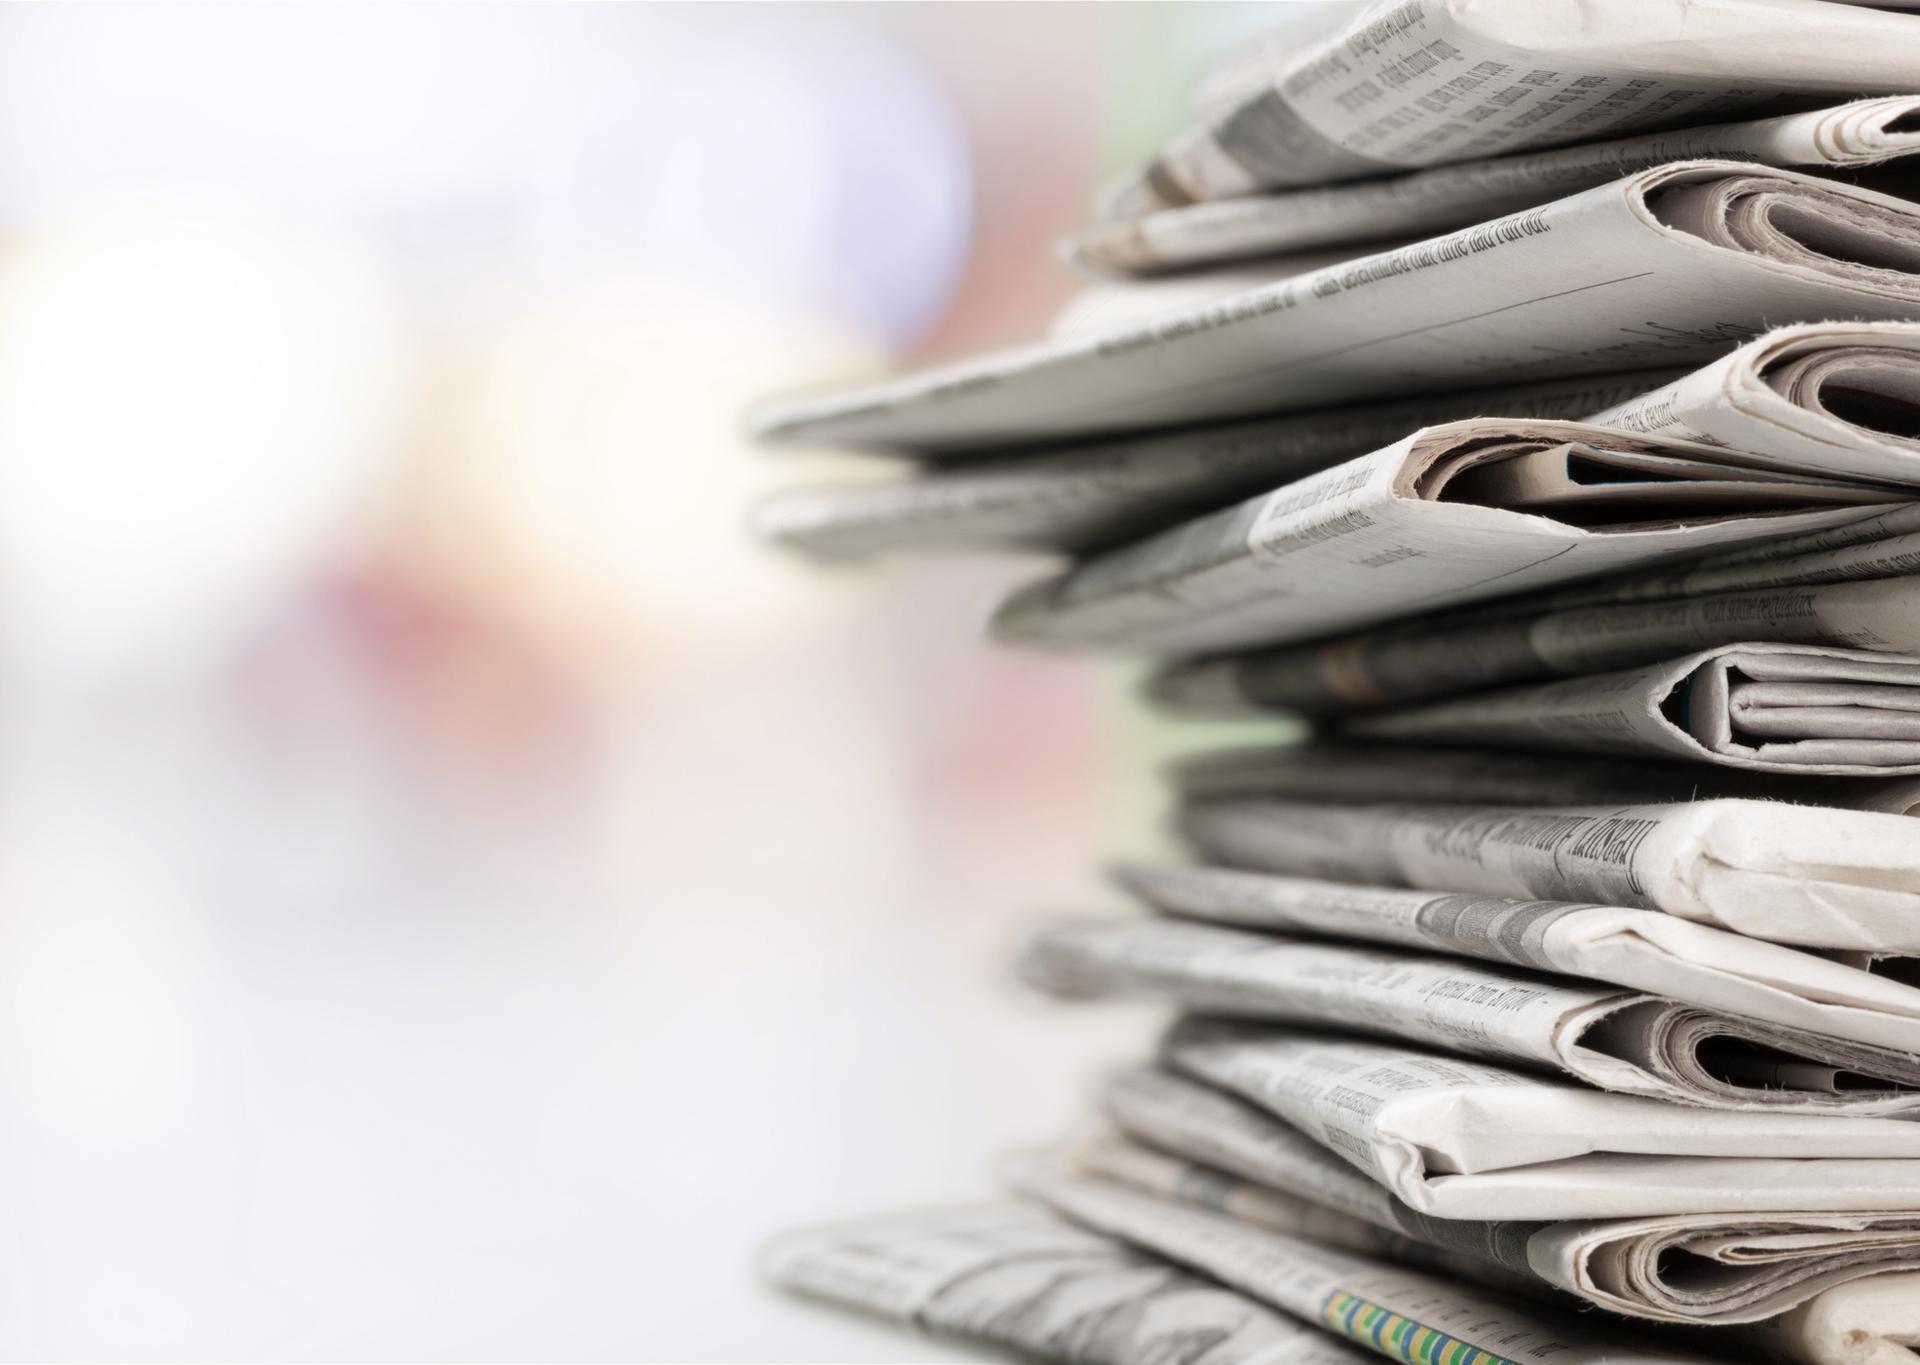 Zeitungen auf Stapel